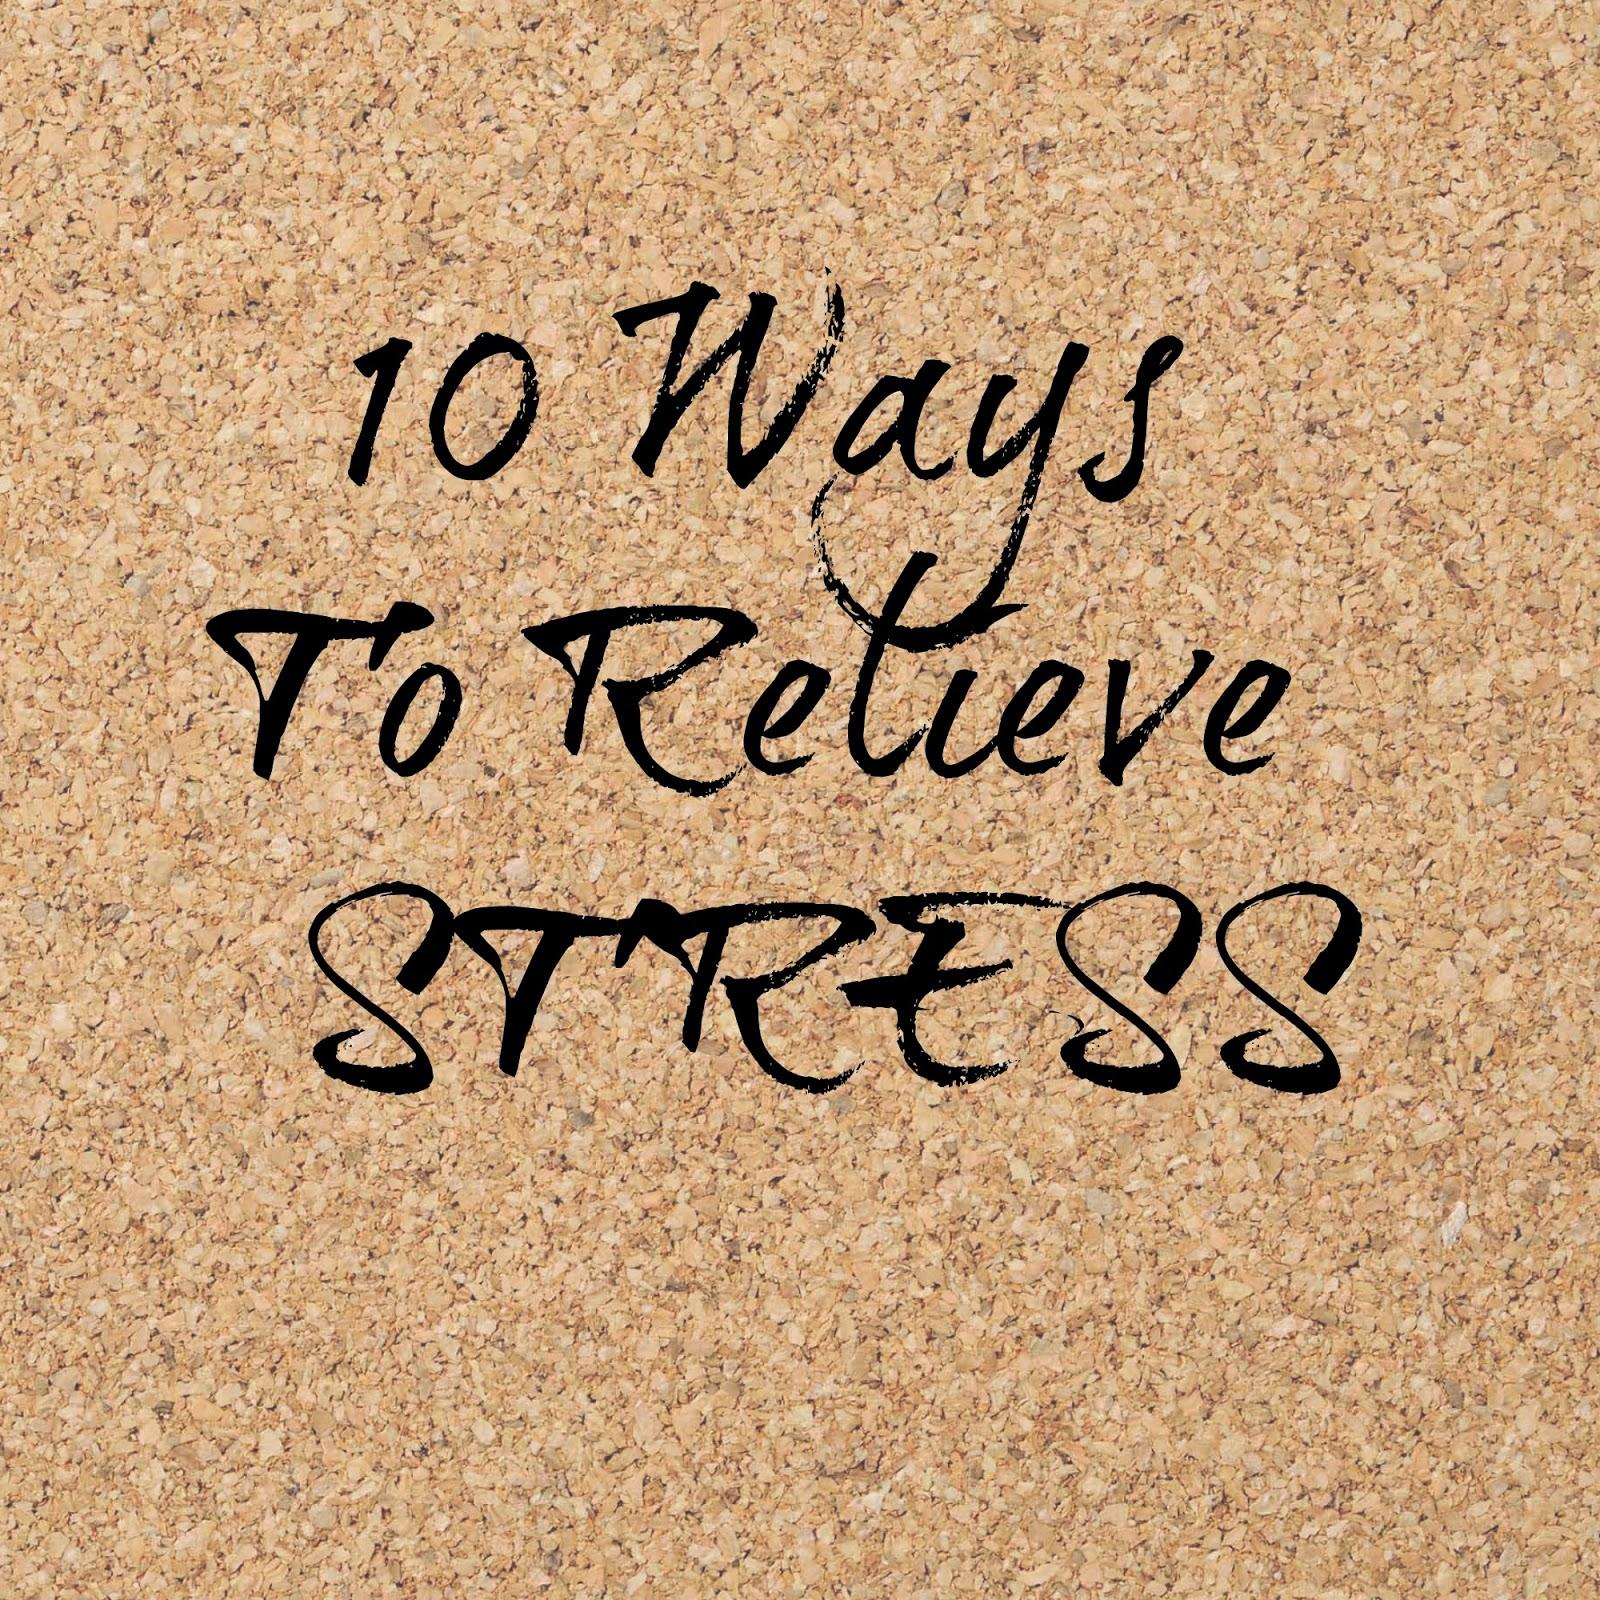 Hasil gambar untuk release your stress